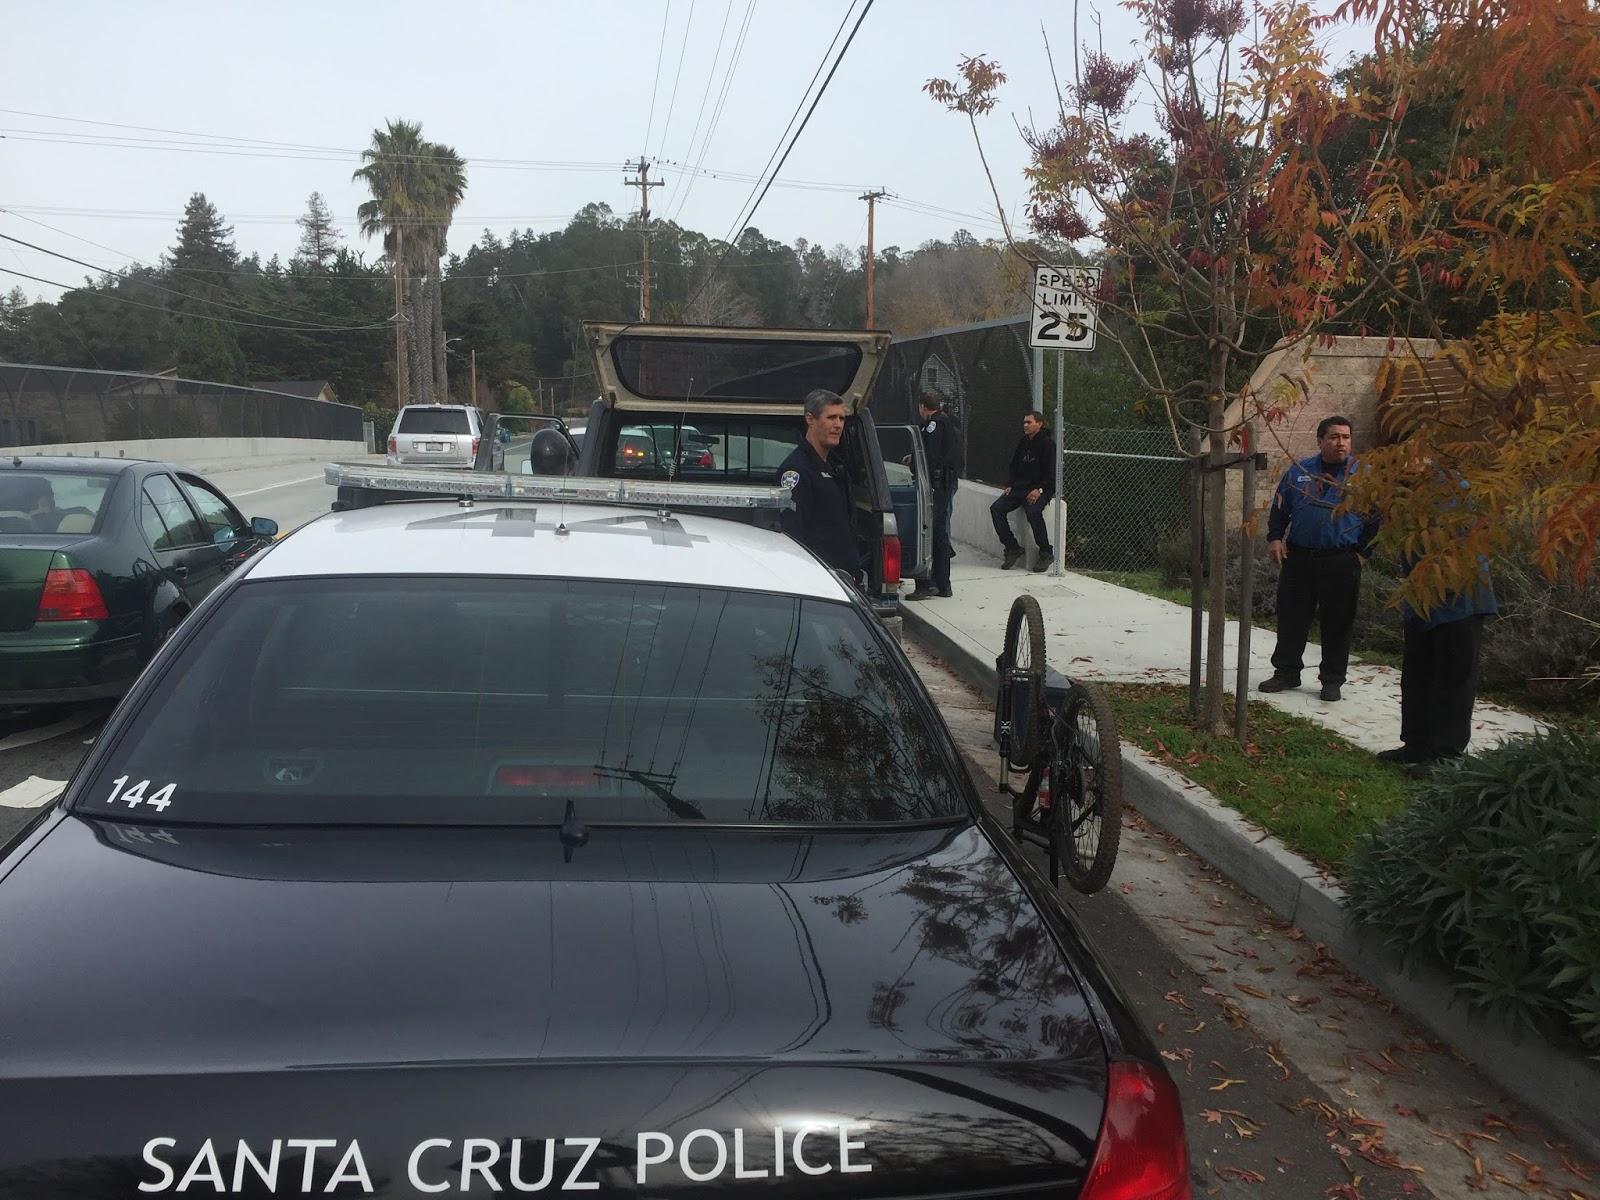 Santa Cruz Police: December 2015